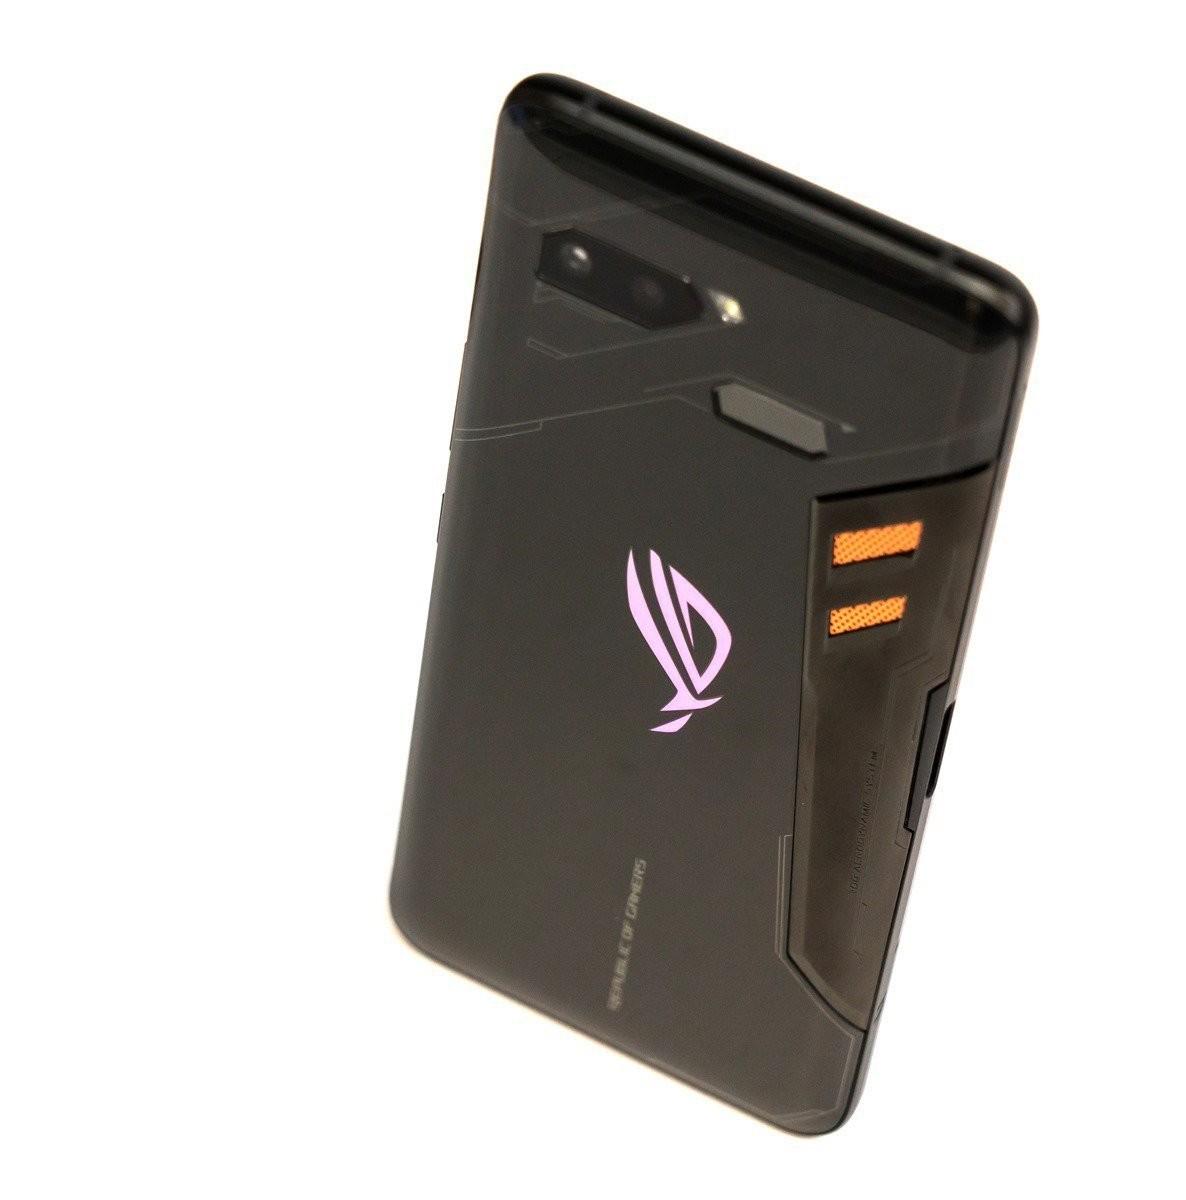 是破三十萬啦!華碩 ROG Phone 電力性能實測!破紀錄了!(附 iPhone X / U12+ / P20 Pro / Note 9 測試比較)這篇文章的首圖